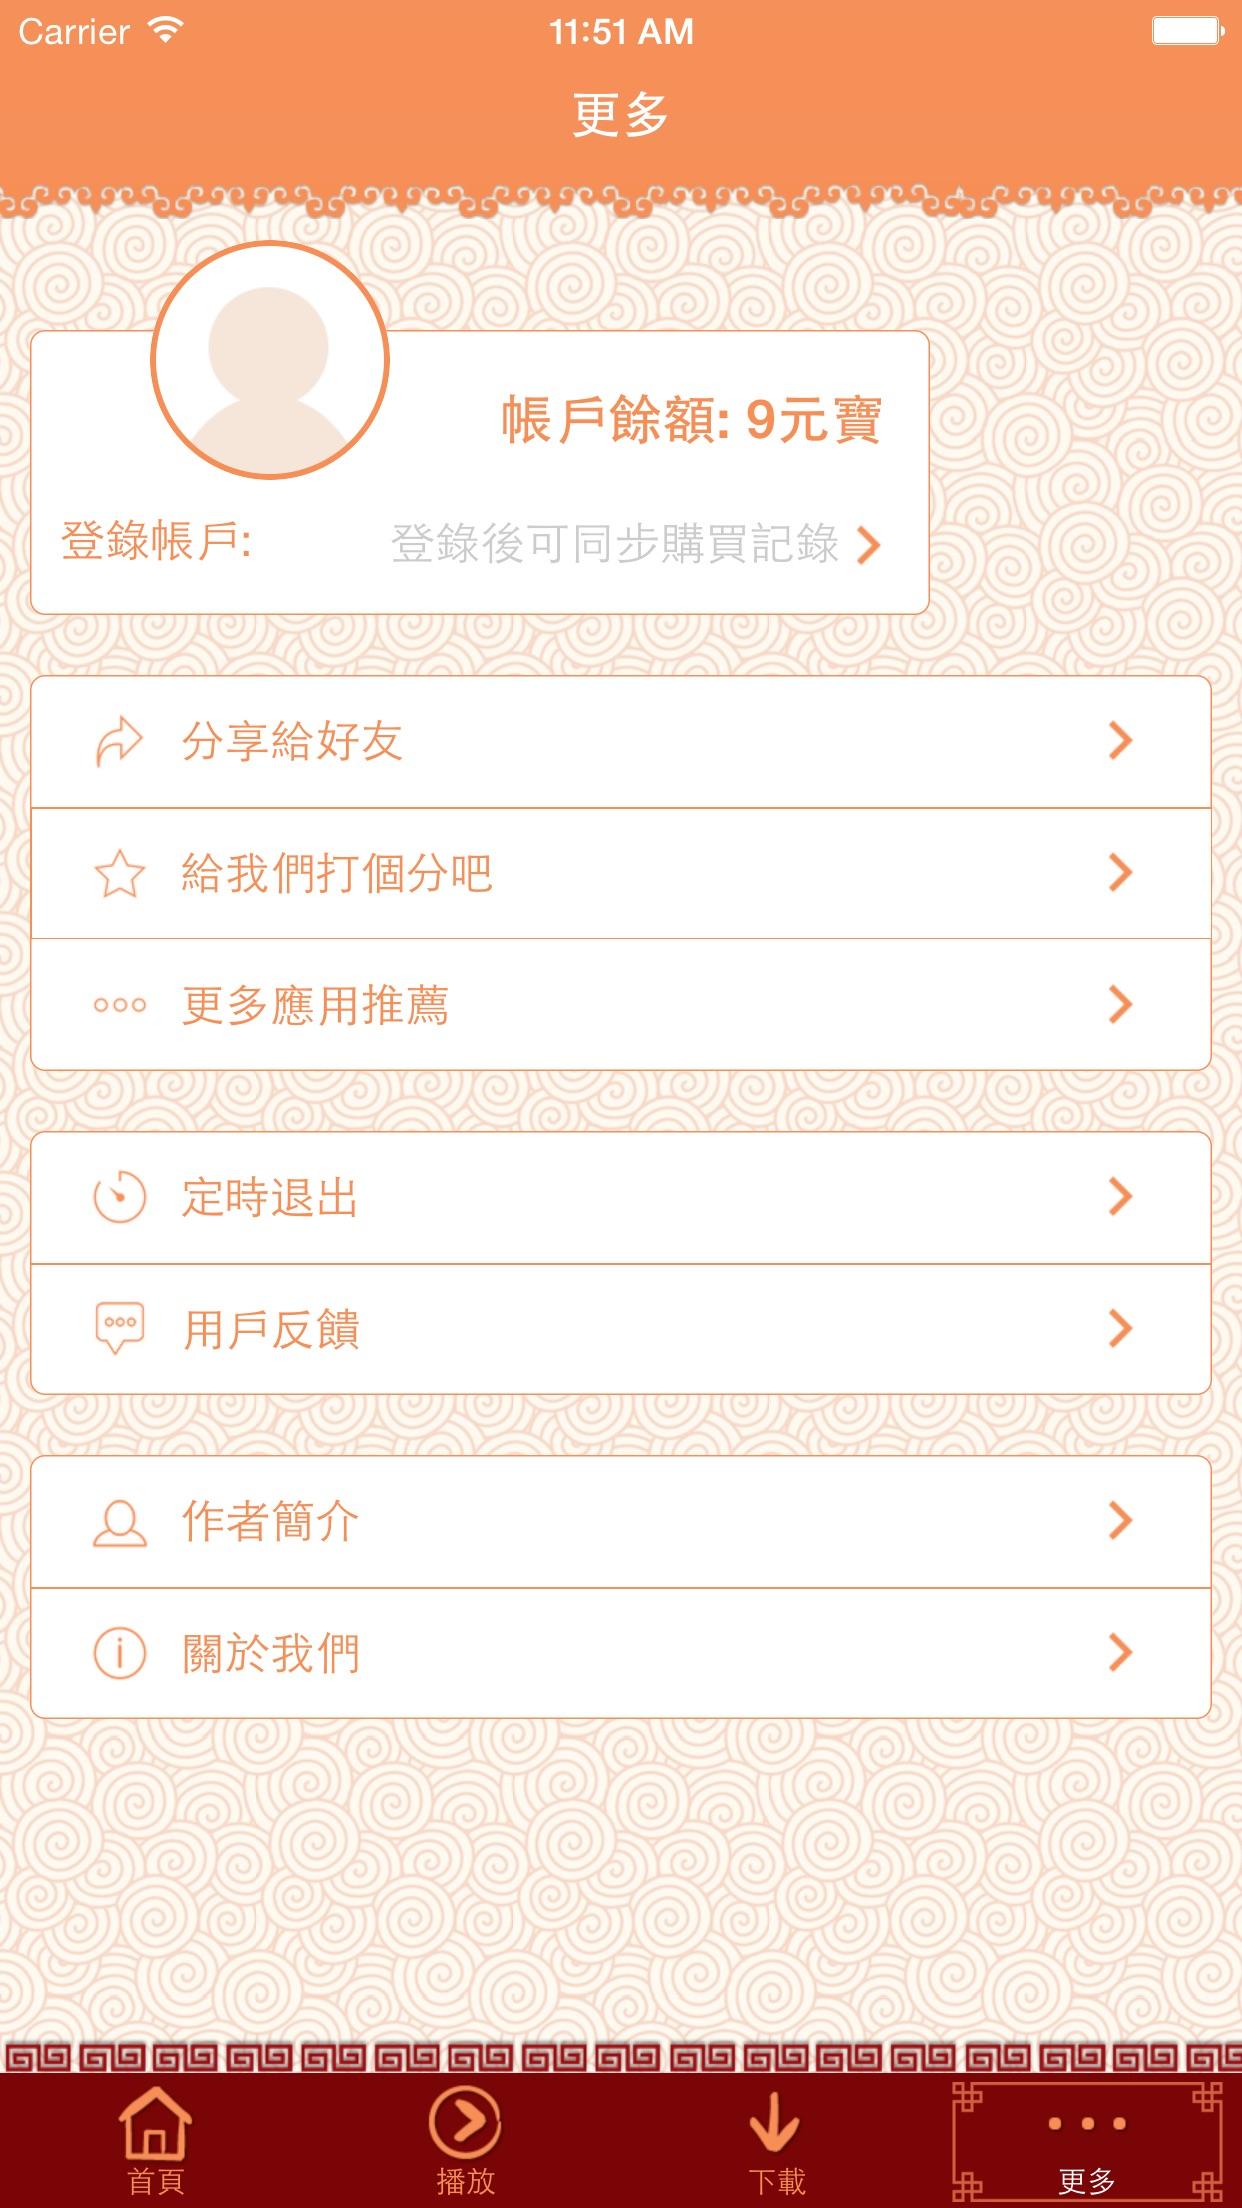 易经与人生-傅佩荣有声书 Screenshot